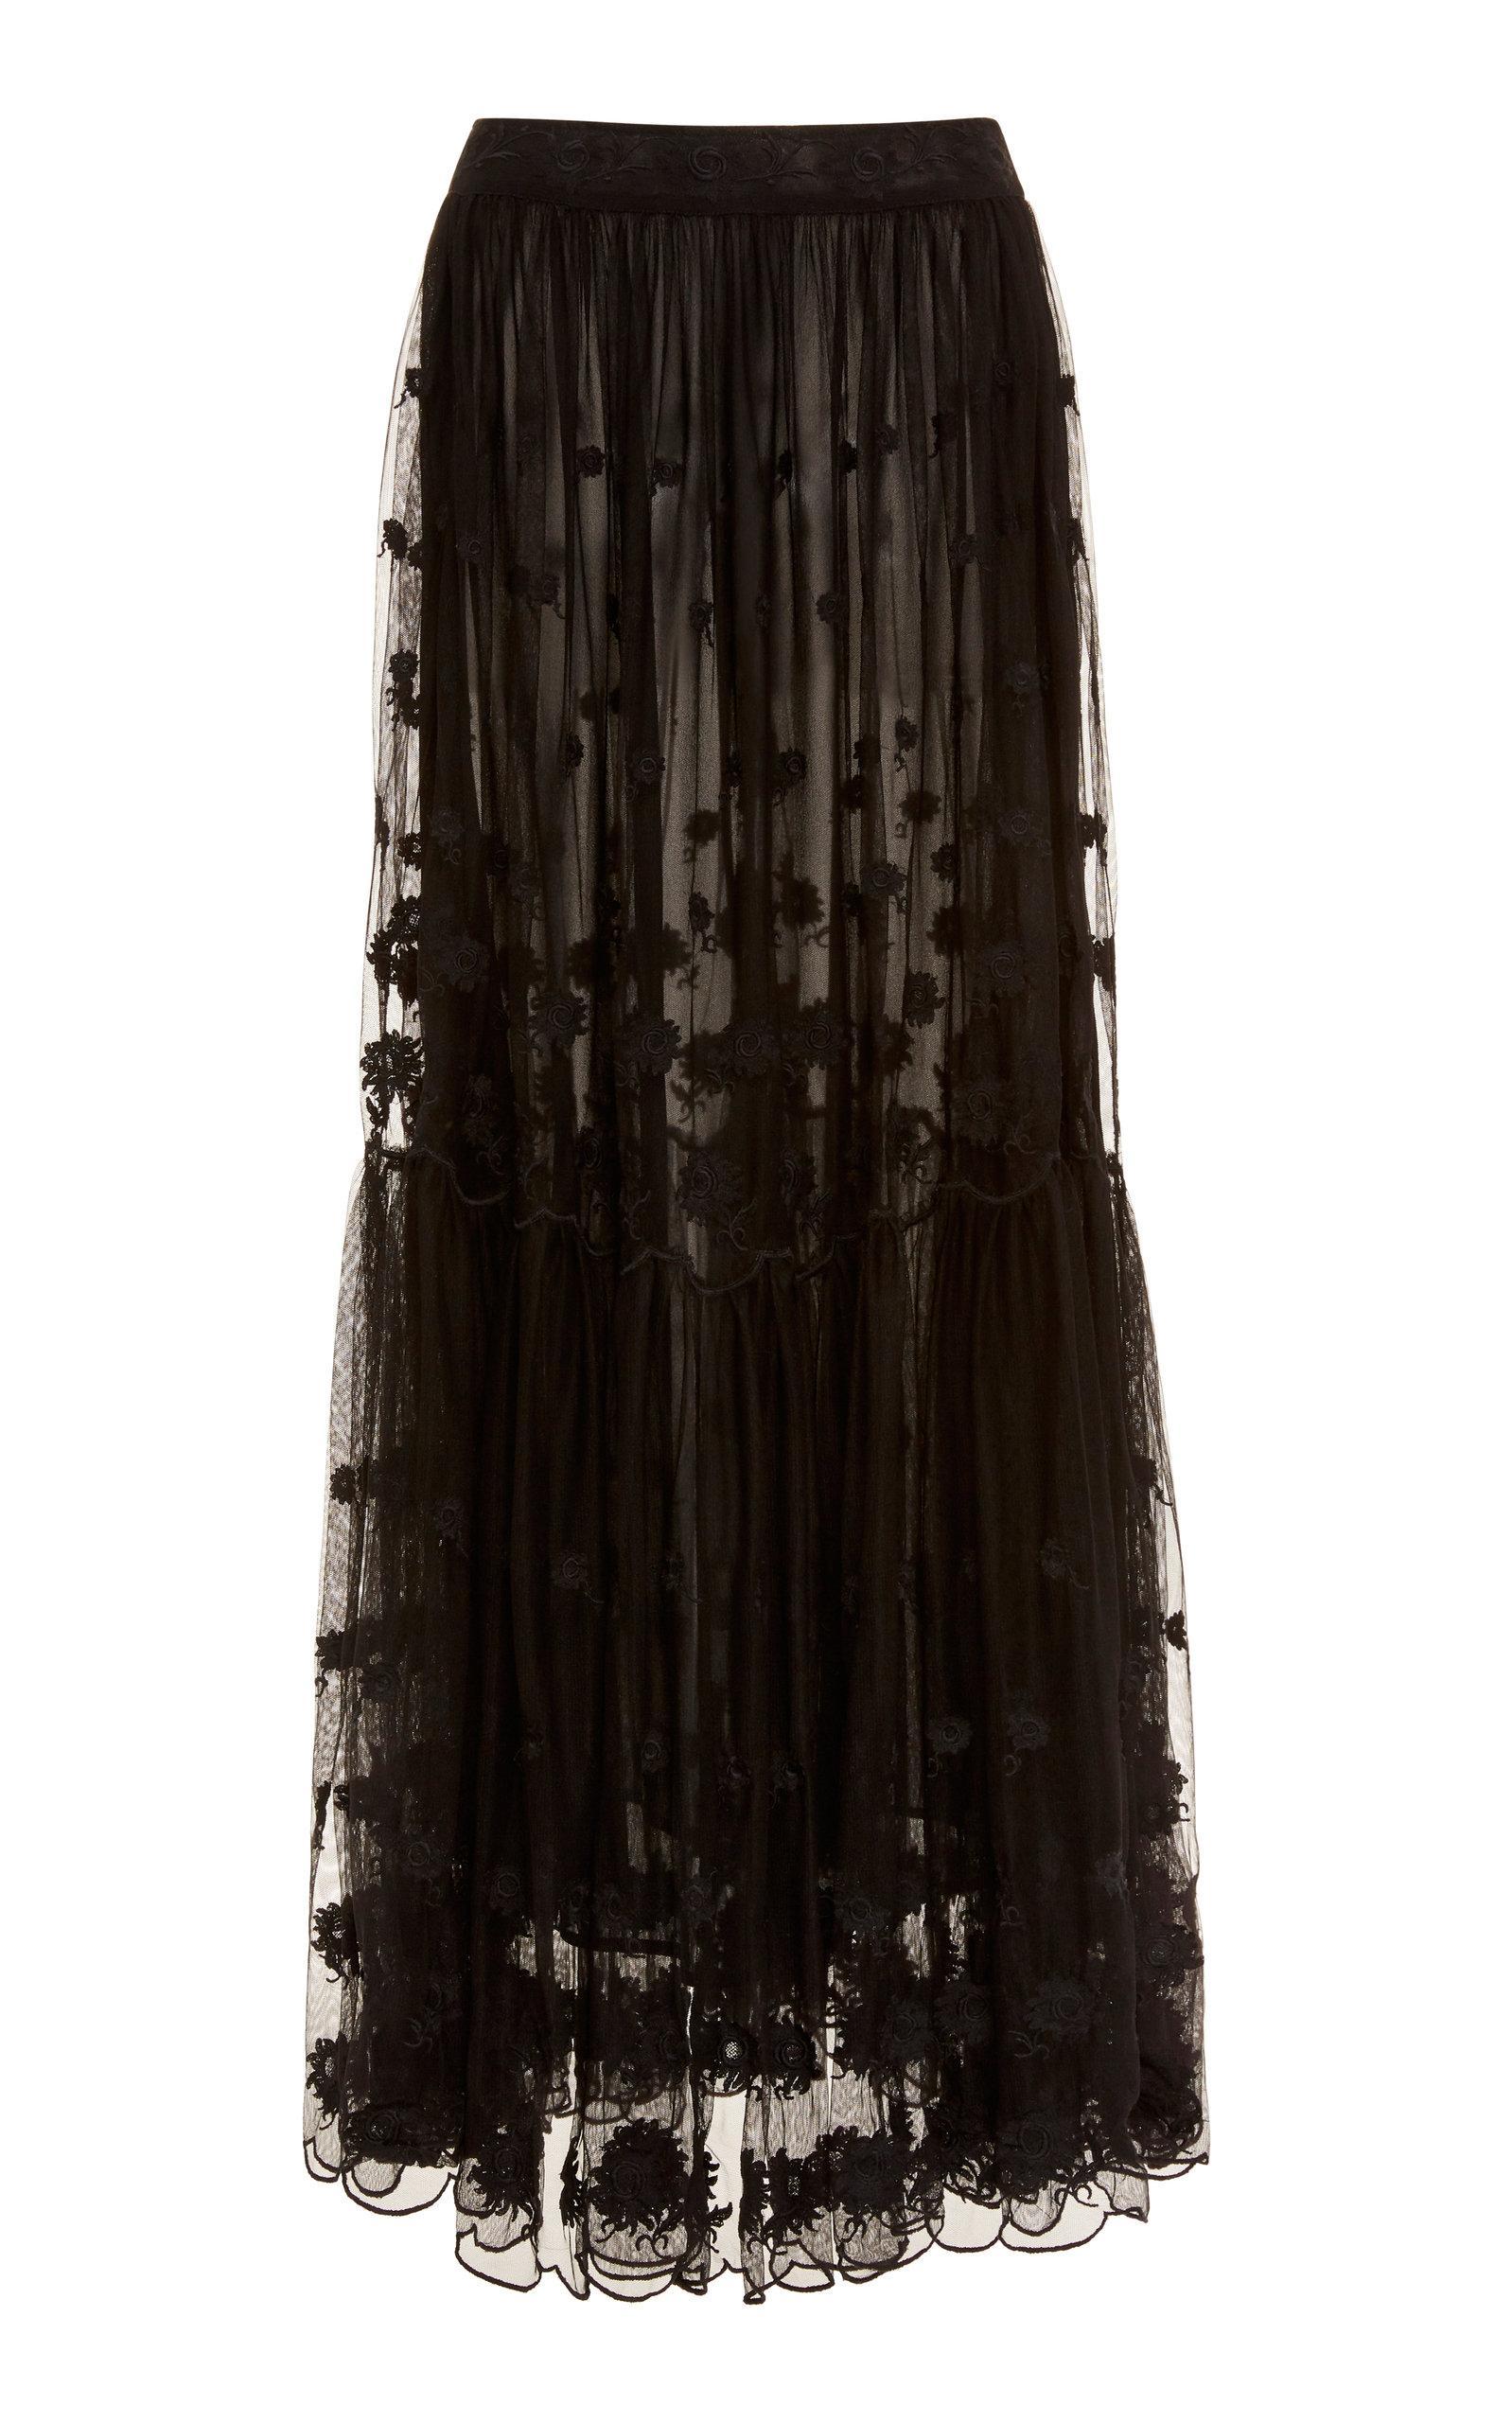 bce6f78155 Ulla Johnson Abelle Maxi Skirt in Black - Lyst